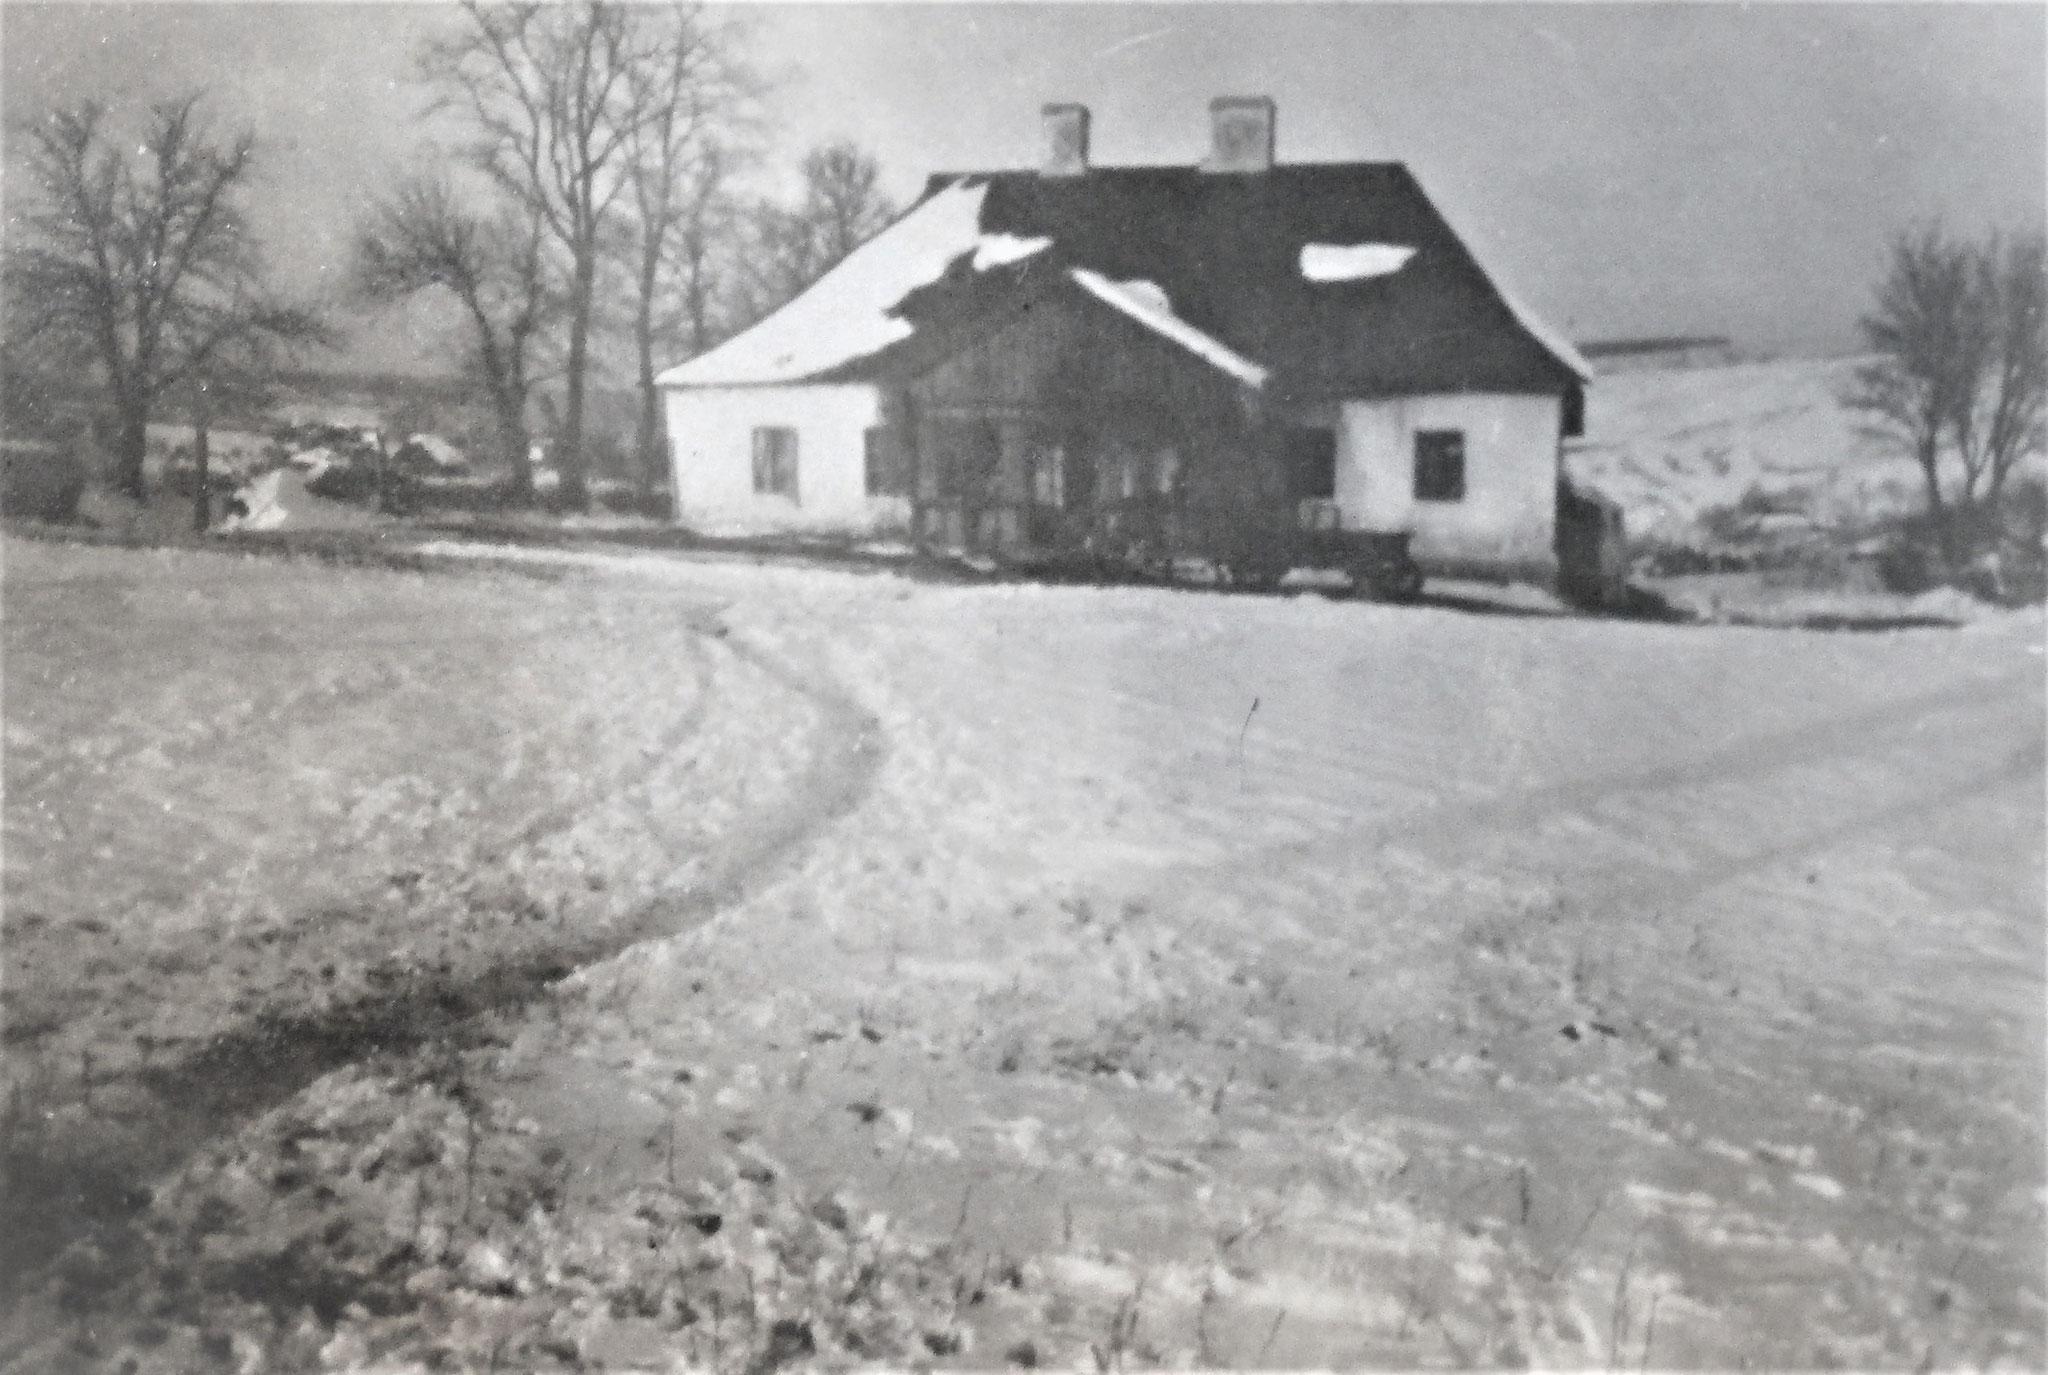 Meierhof-Haus am Südwestende des Ortes, wo die Offiziersmesse der 3. Eskadron war.